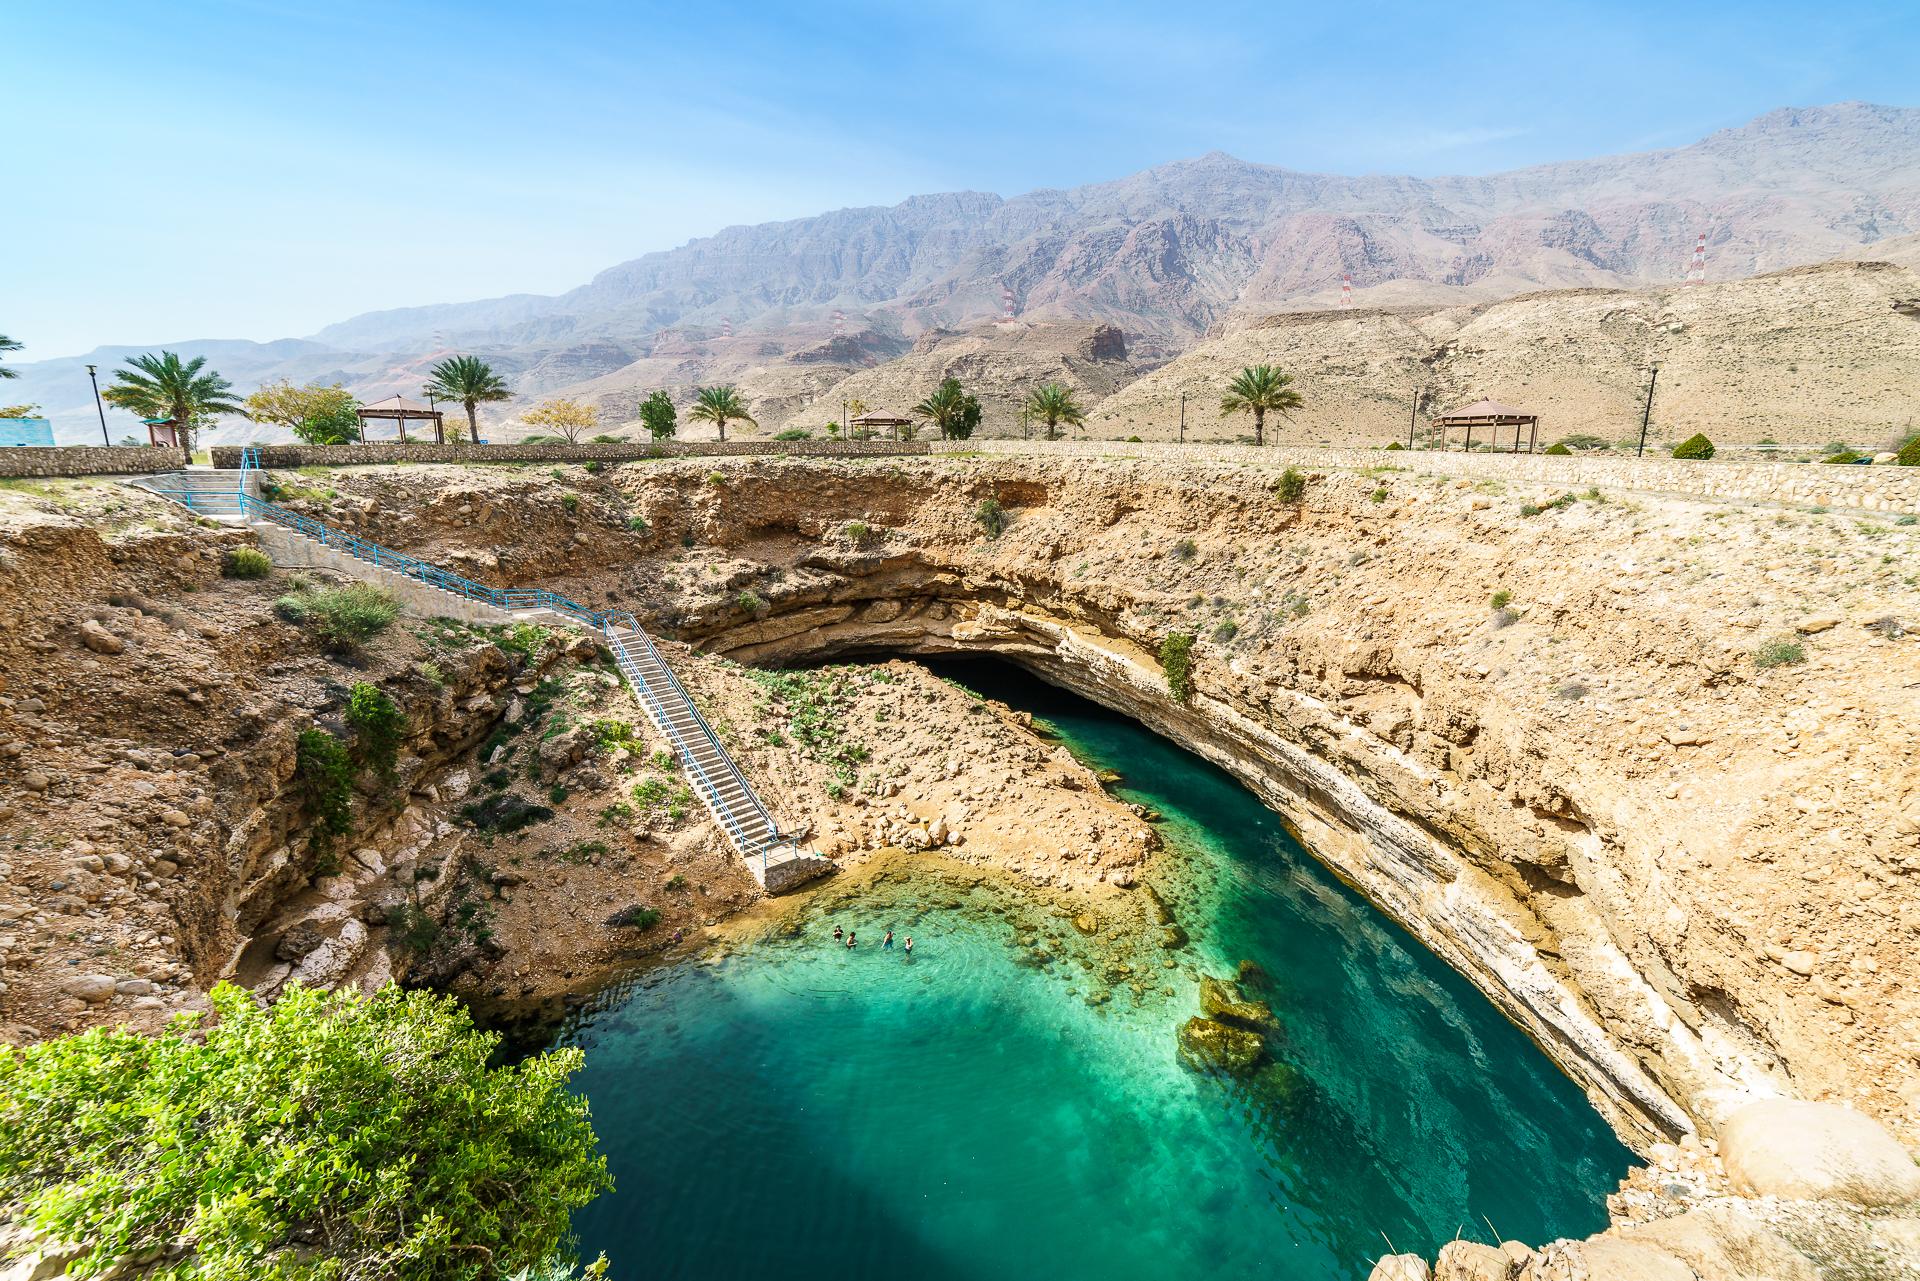 Dahab-Sinkhole-Hawiyat-Najm